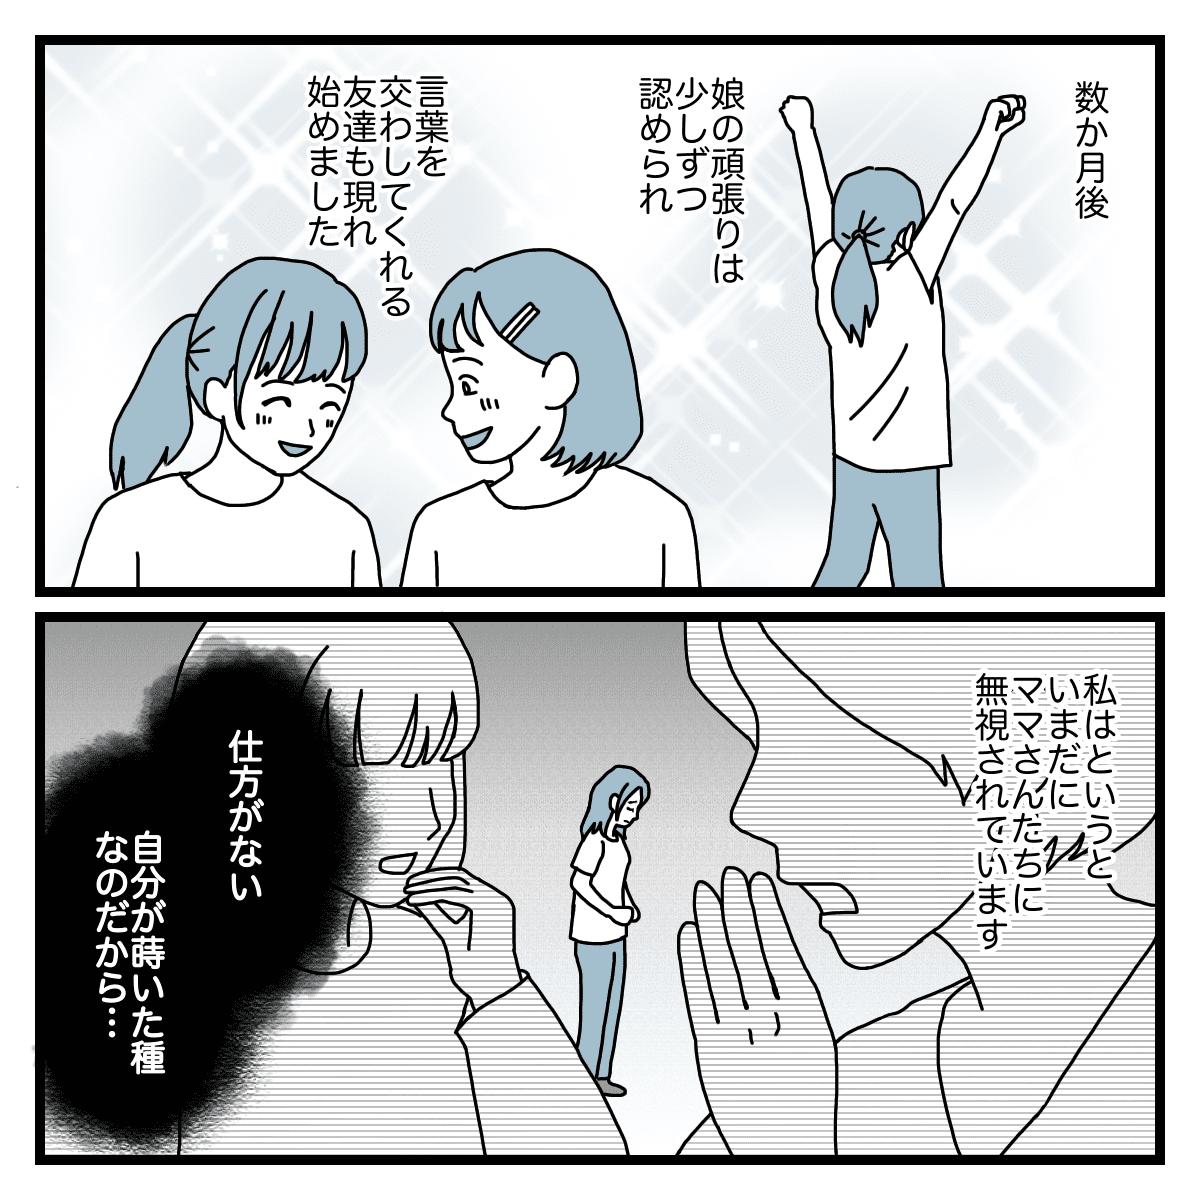 【後編】習い事4